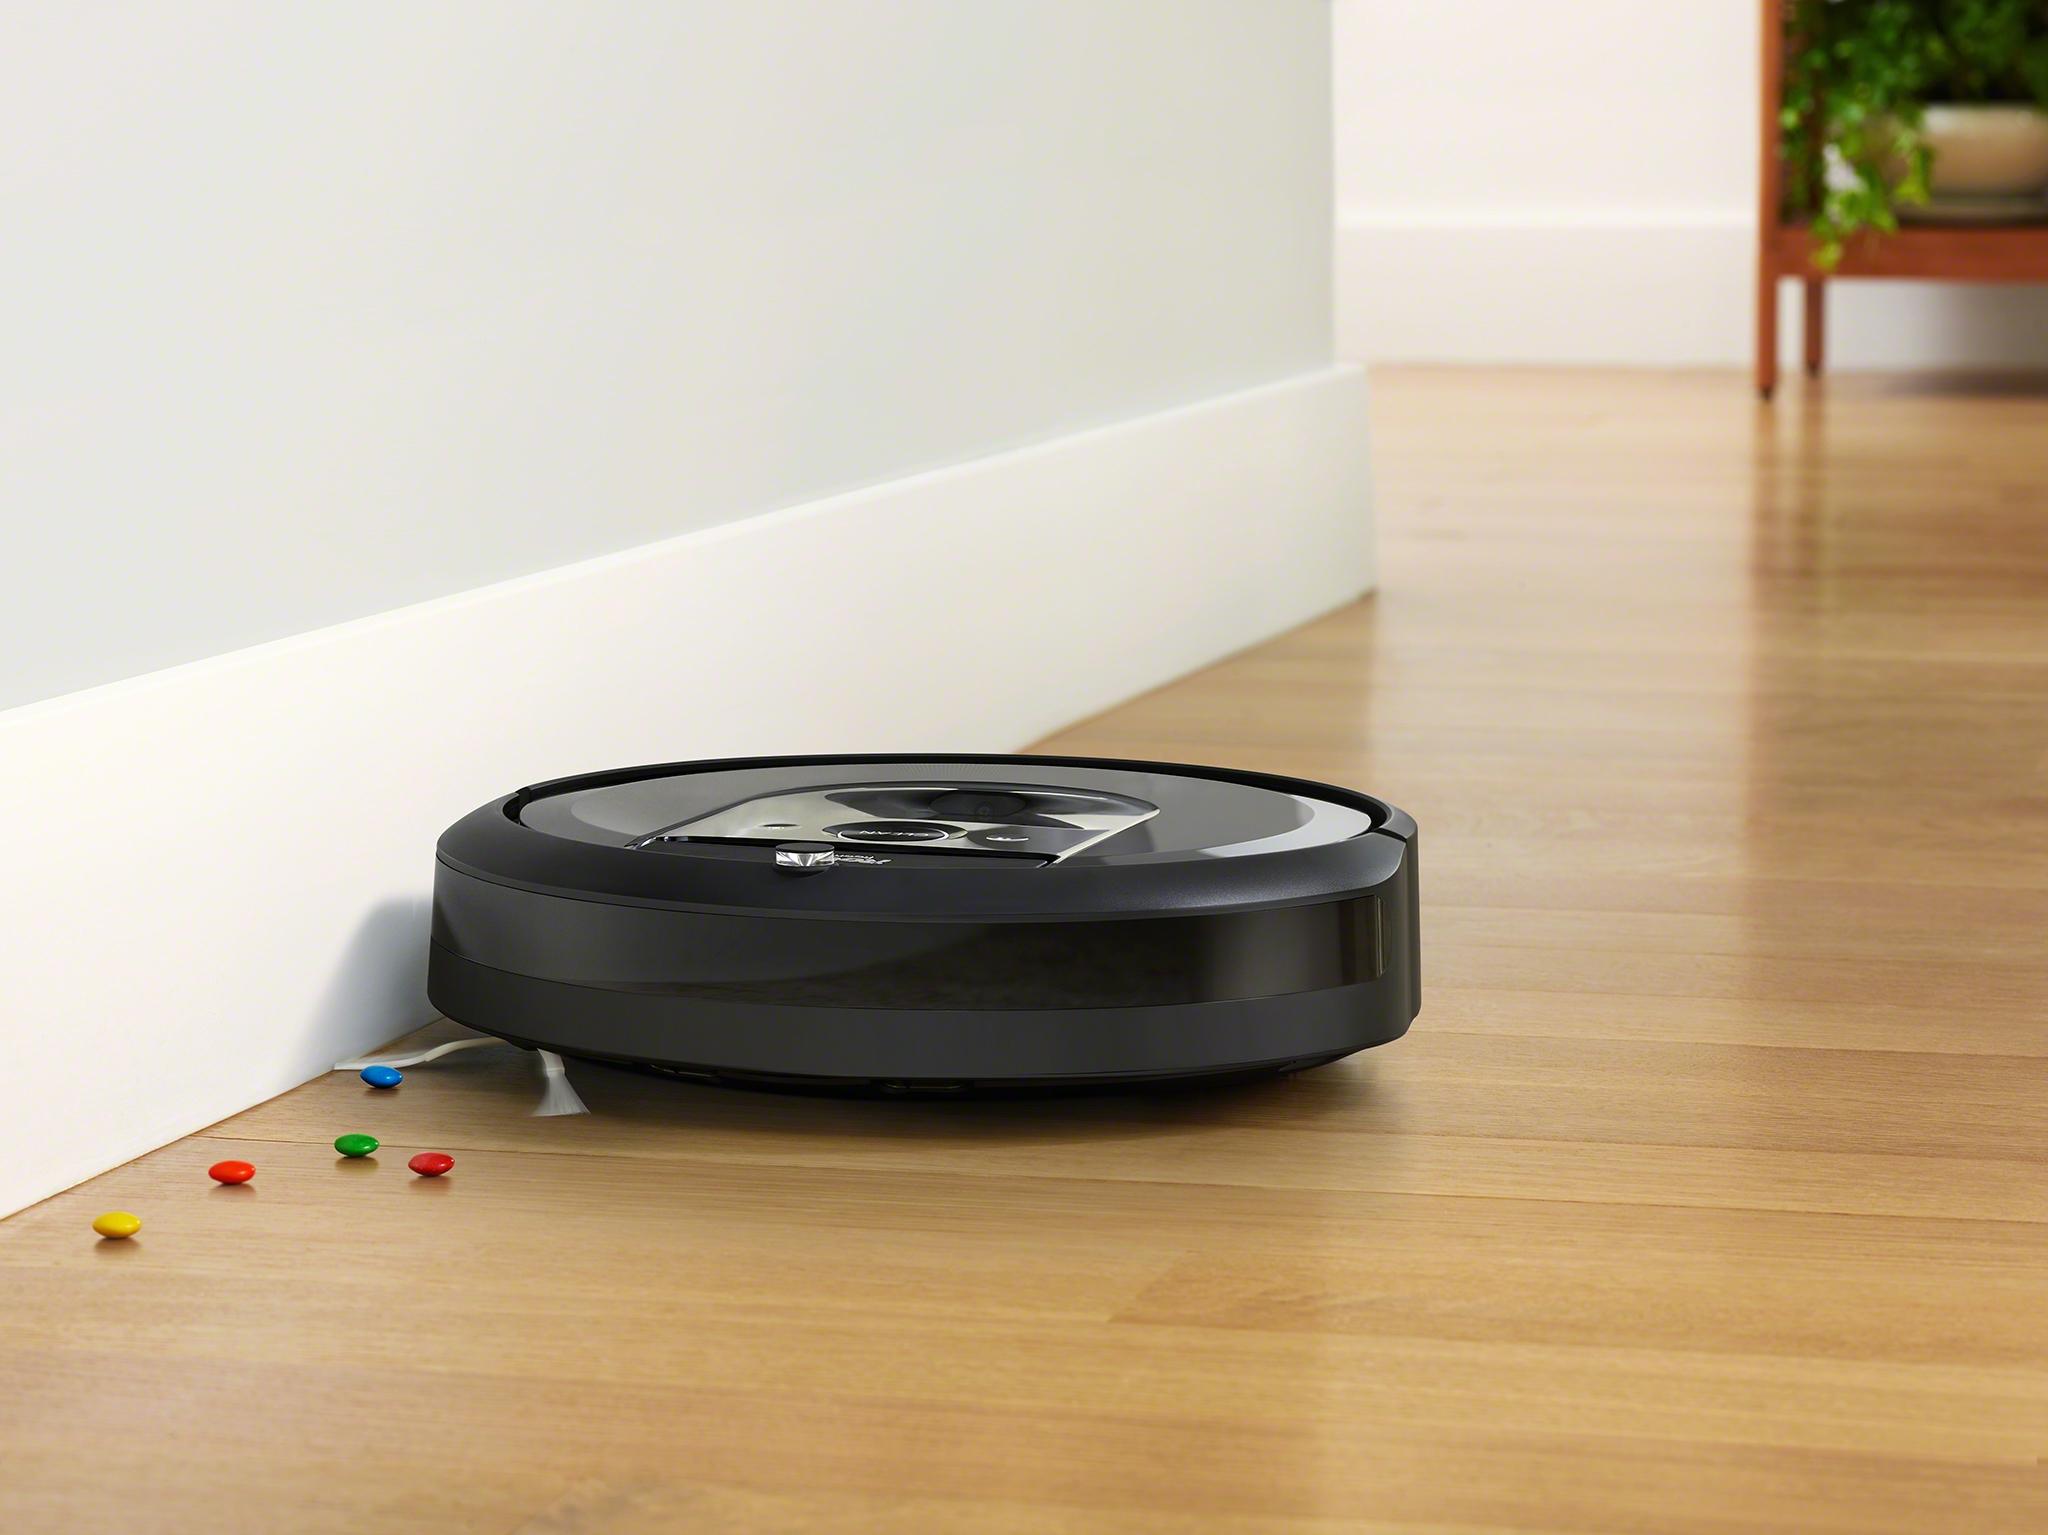 spazzola i7+ Roomba